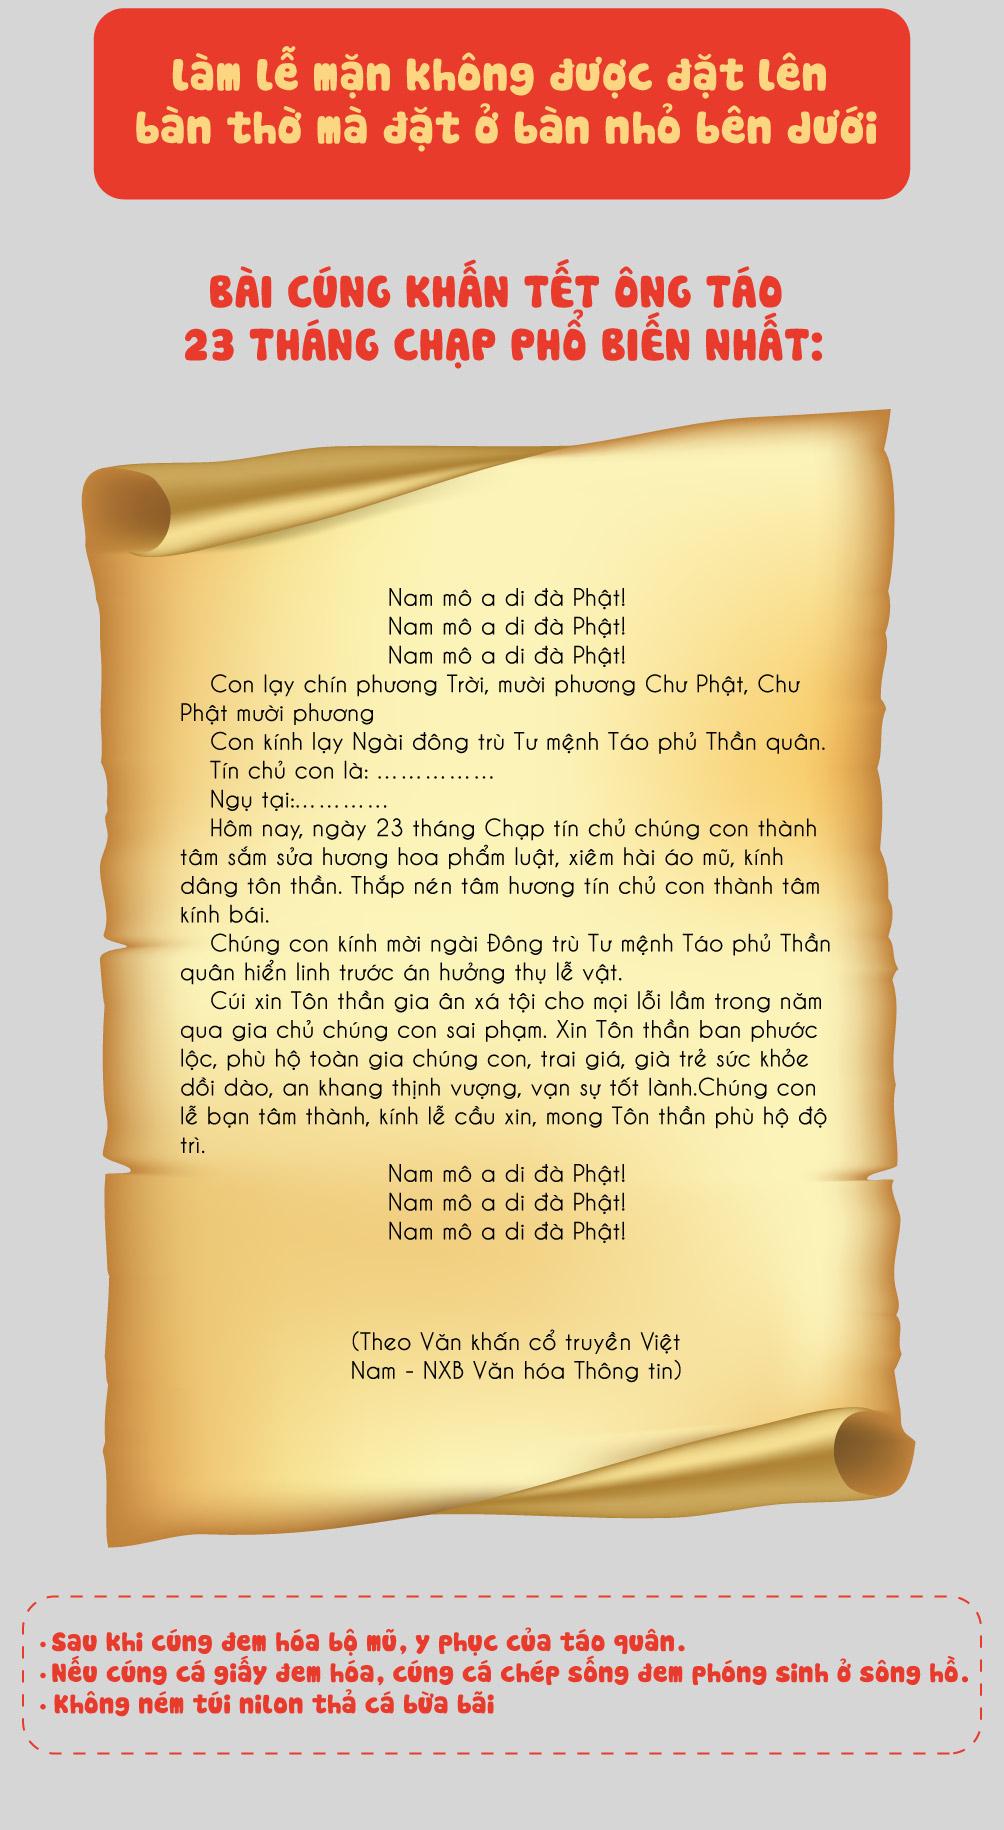 [Infographic] Những điều cần phải nhớ khi cúng ông Công, ông Táo - 3